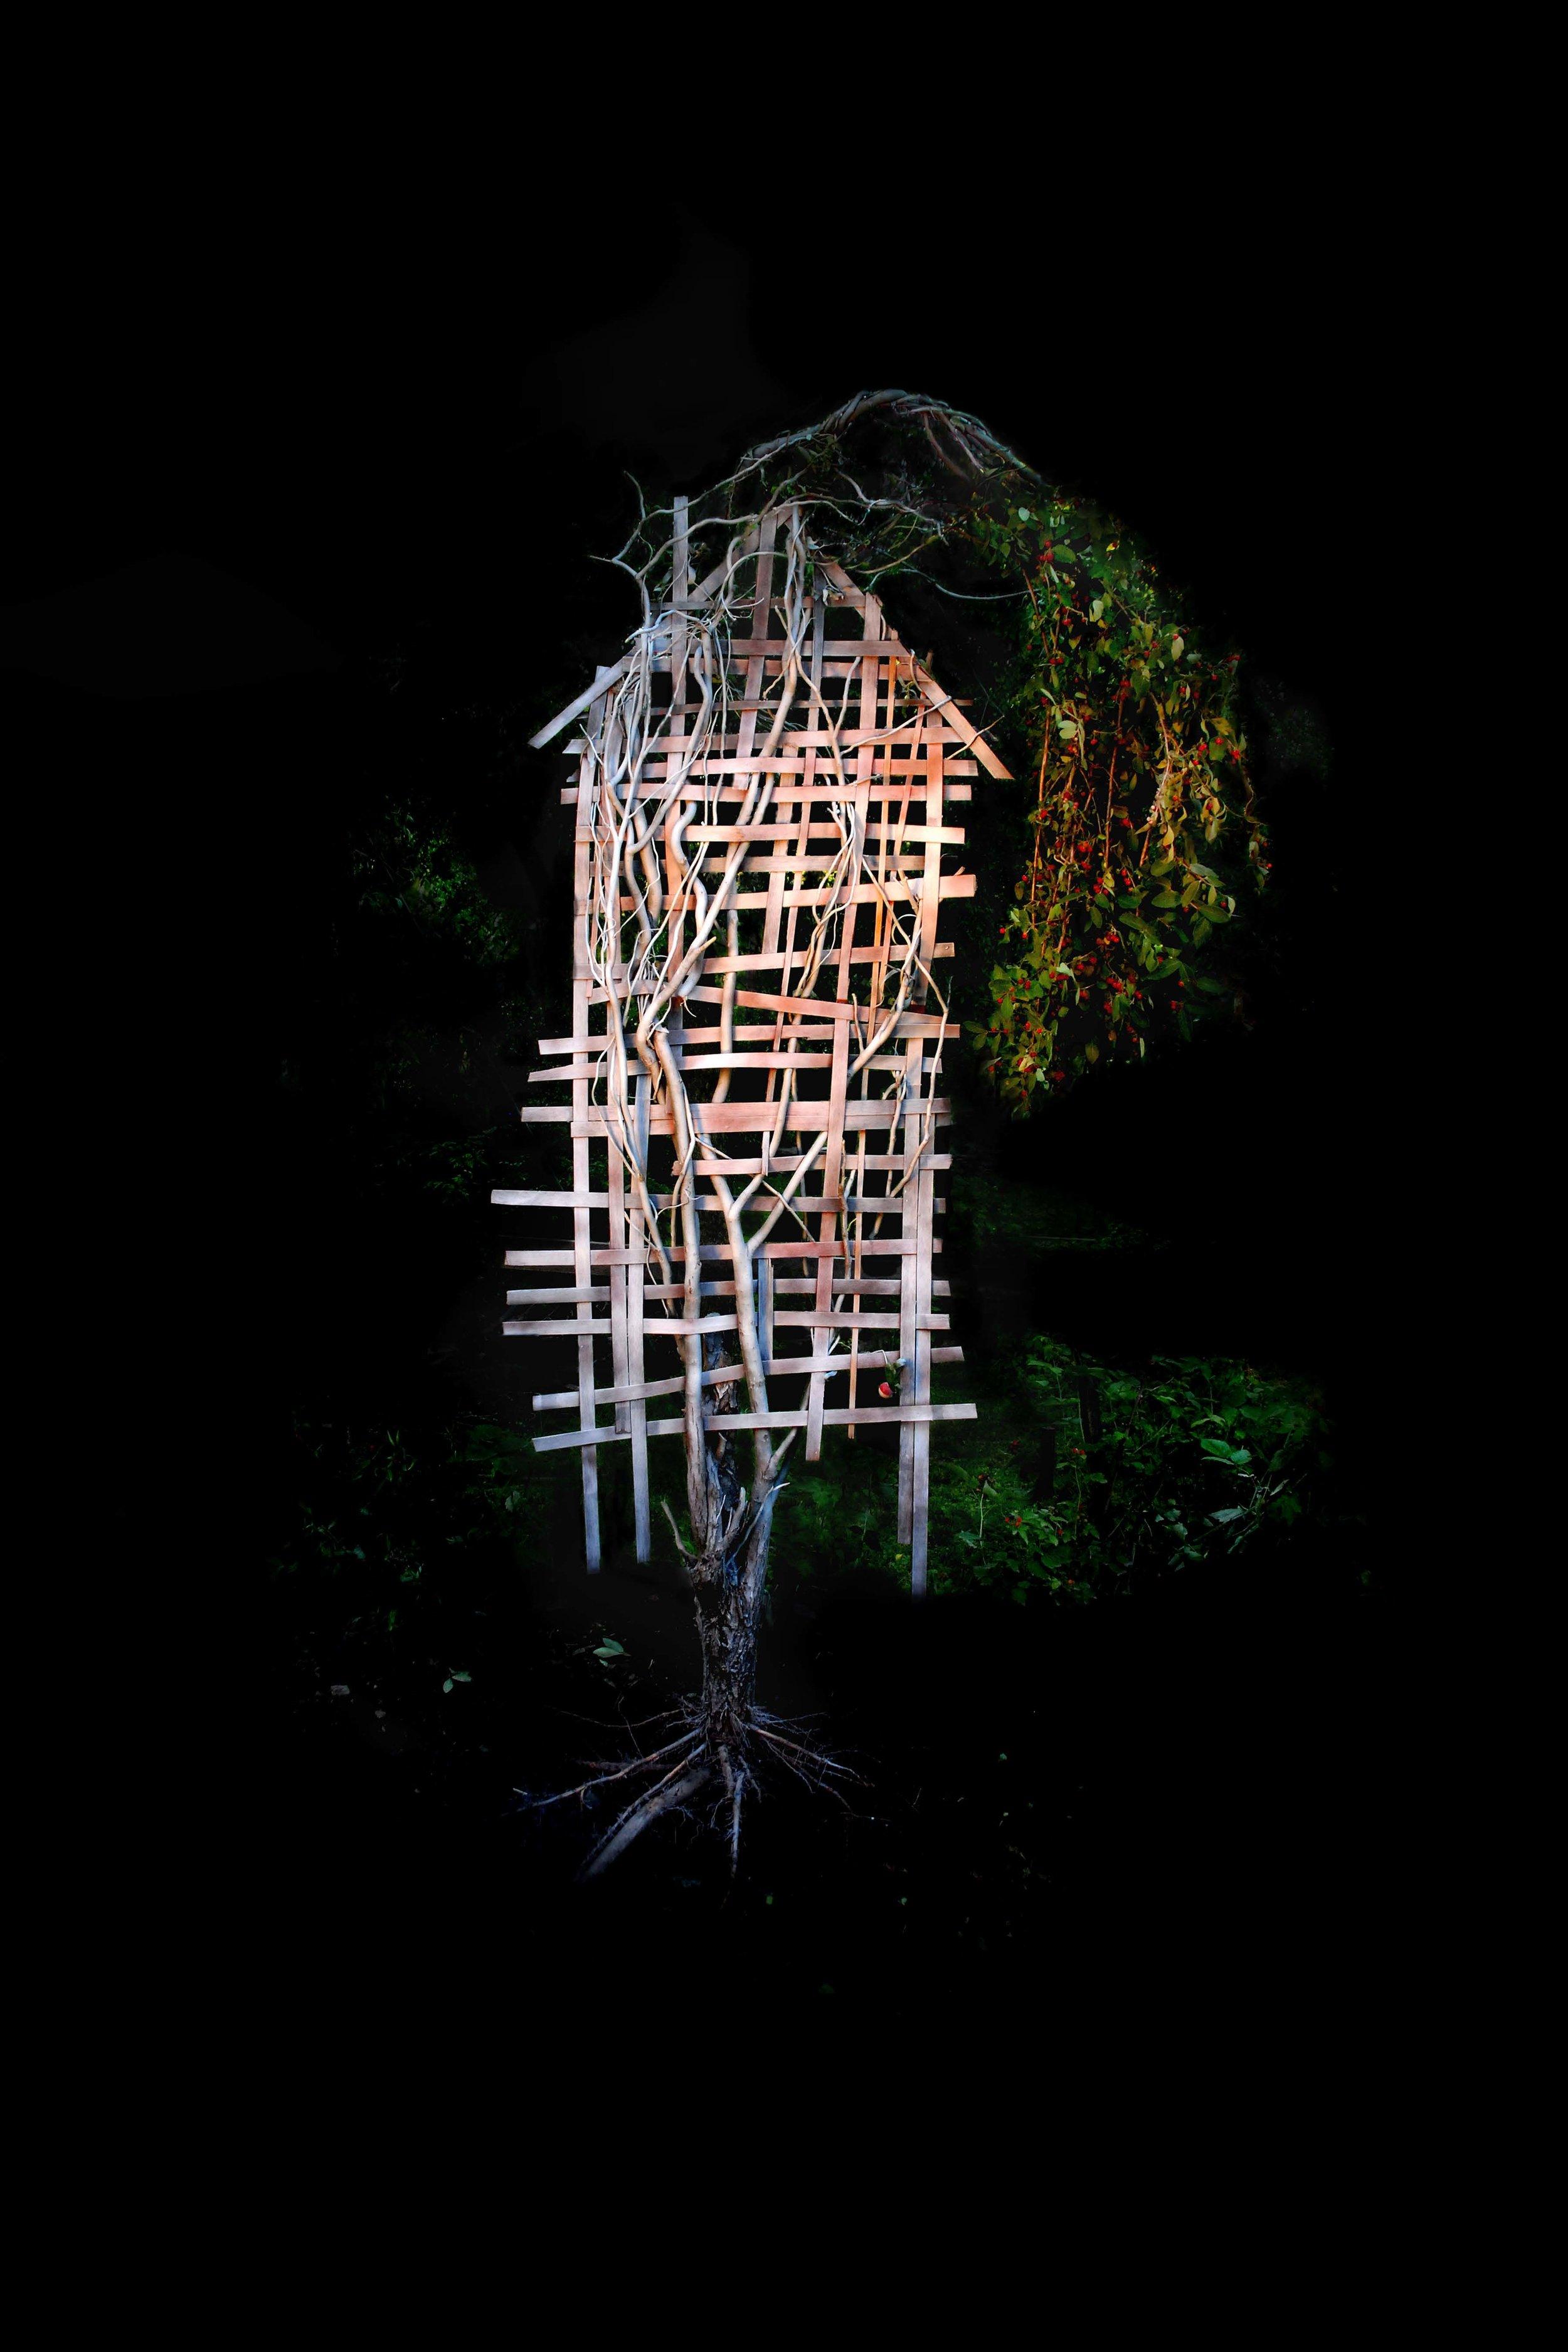 Lament, Photograph/Sculpture, Robert Hite, 2008